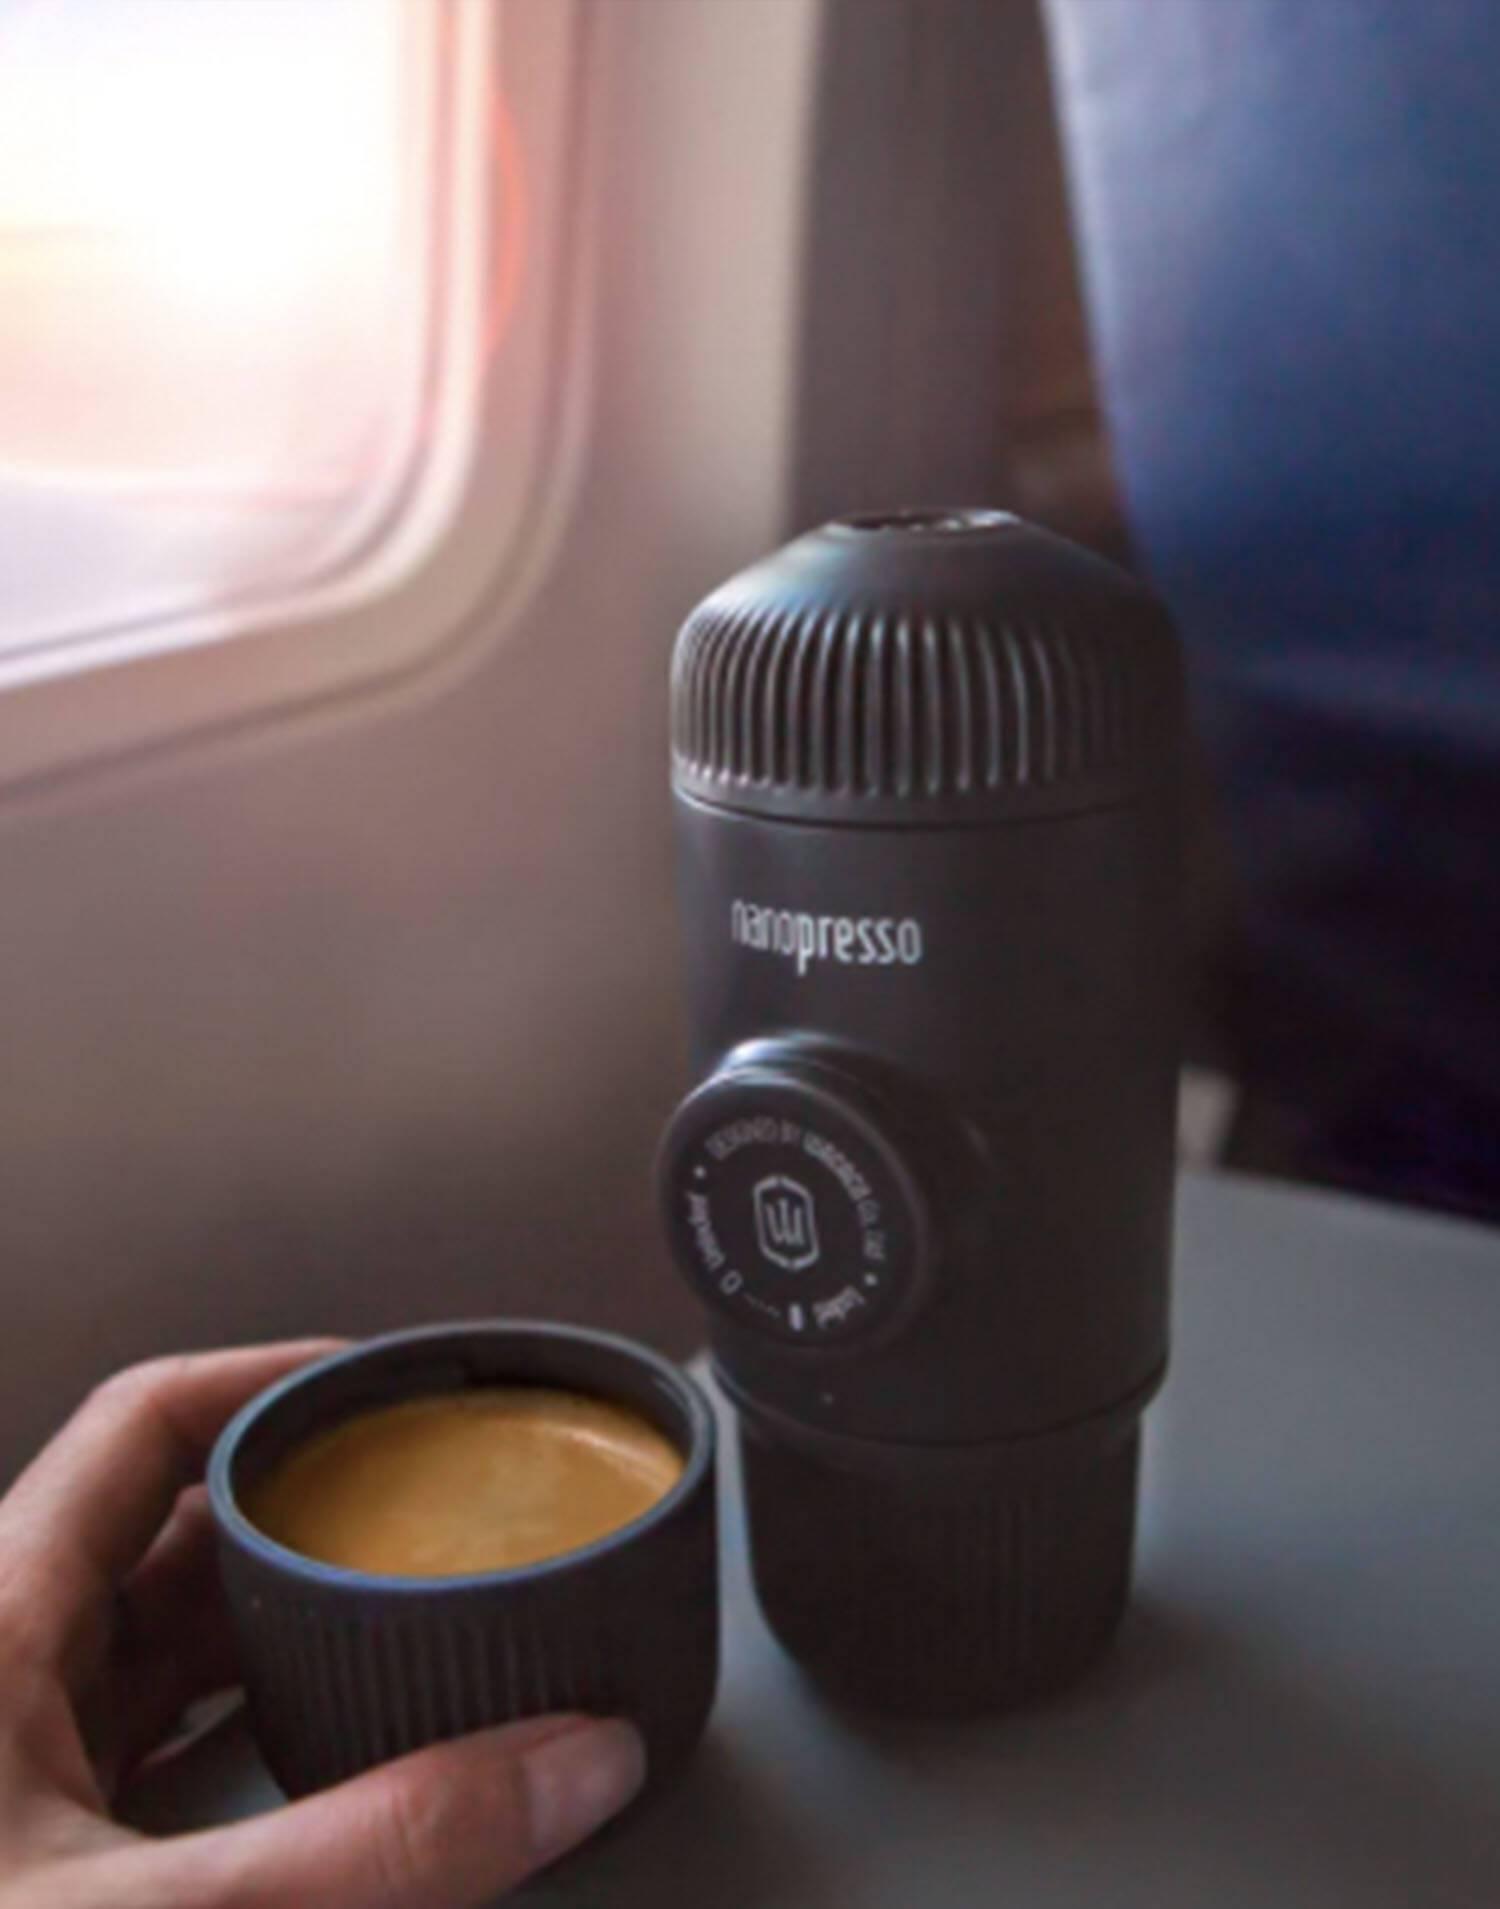 Portable espresso coffe machine